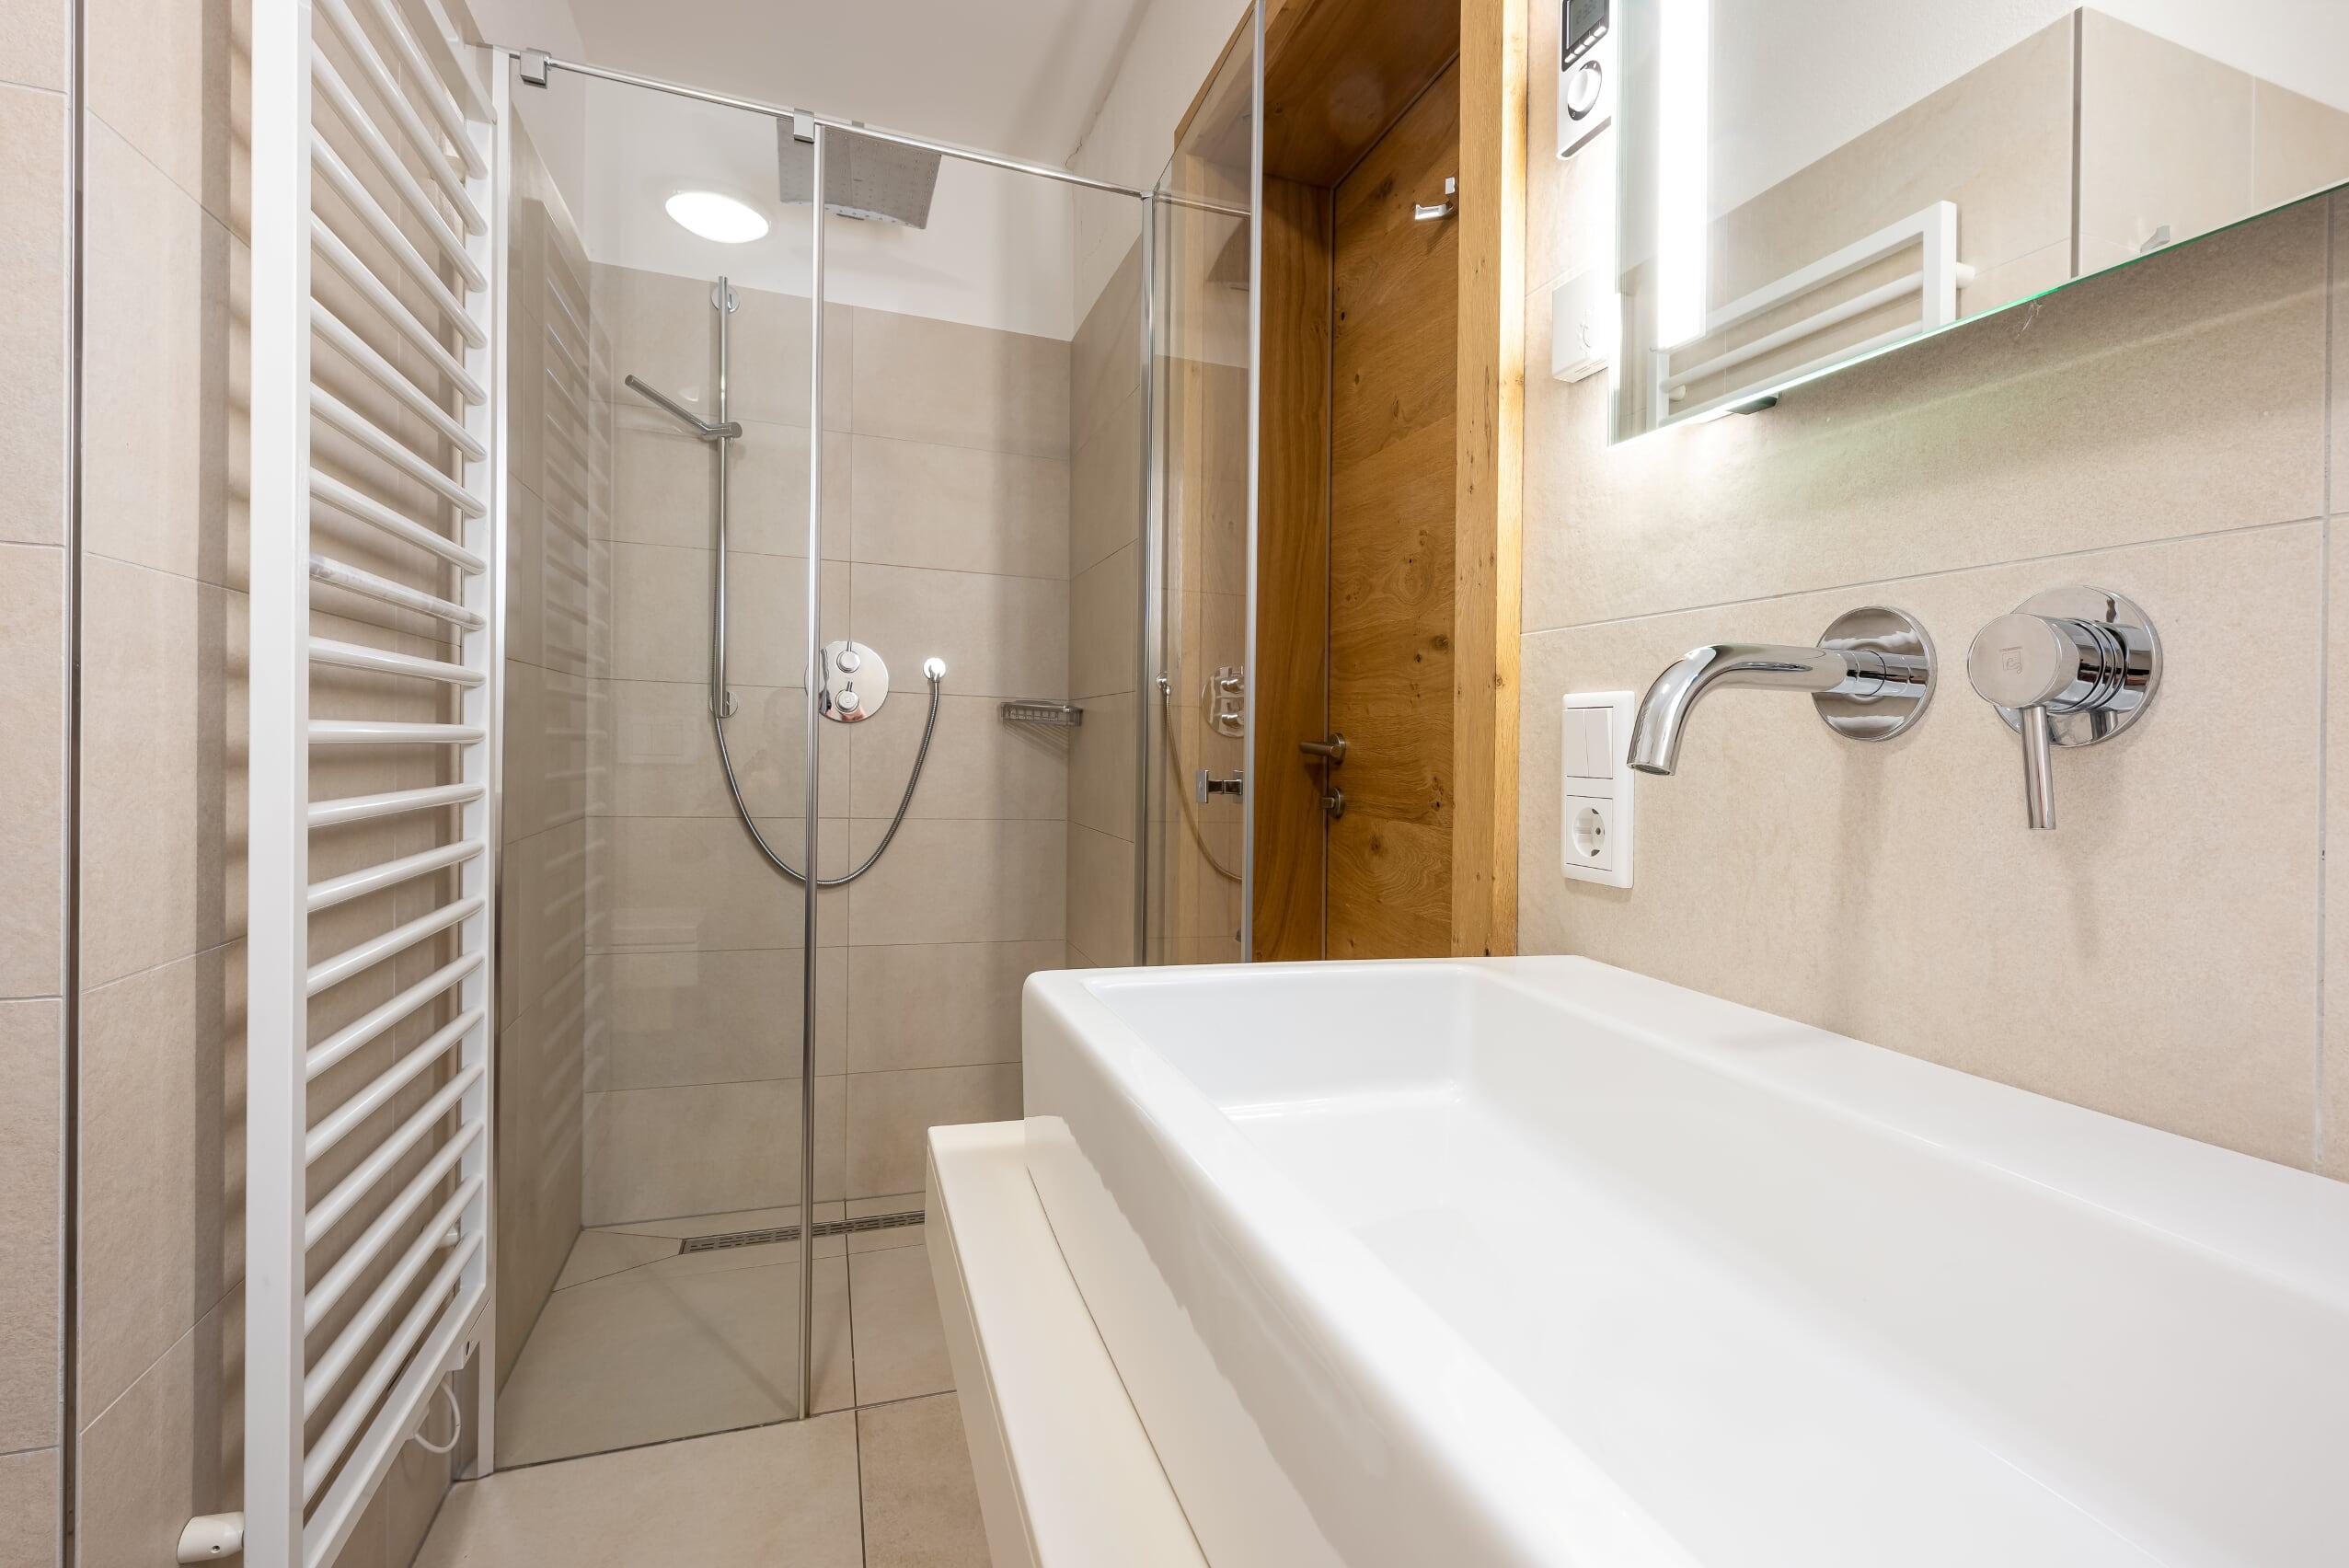 Bad mit Dusche im Apartment 3 der Mountain Lodge Leogang